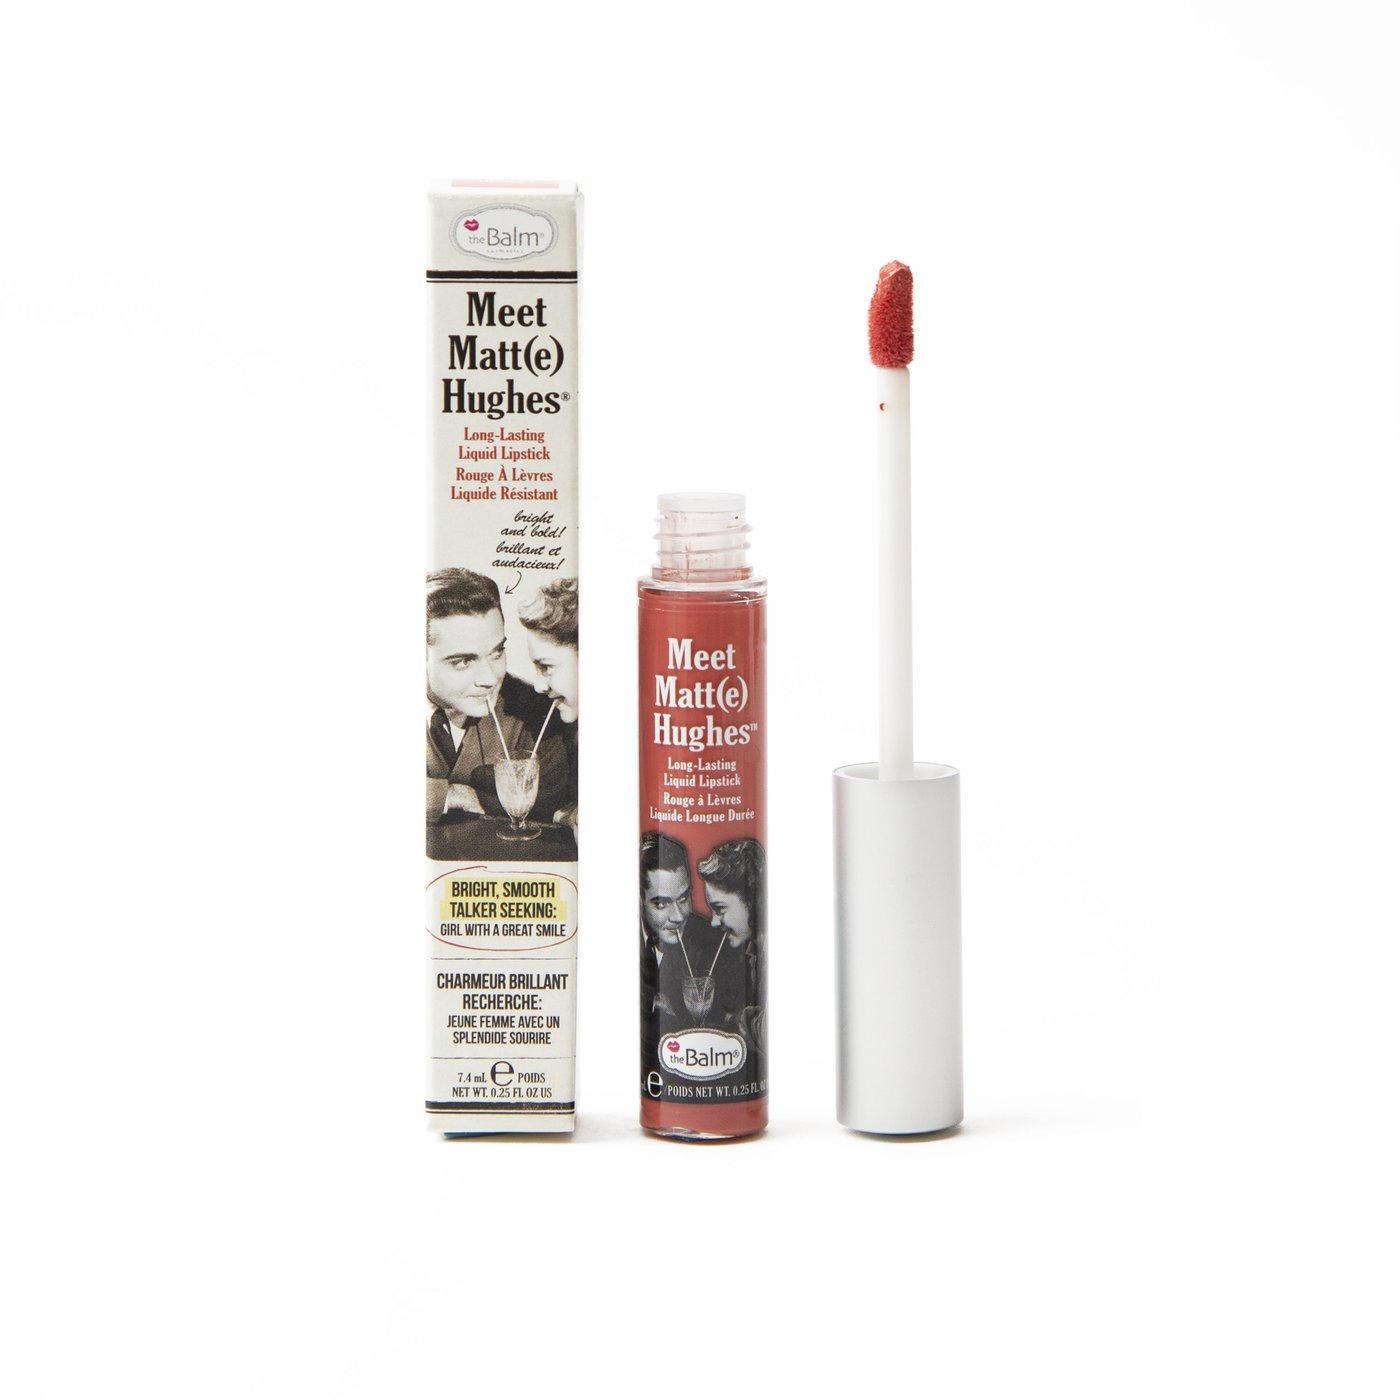 The Balm Meet Matt(e) Hughes Liquid Lipstick Honest